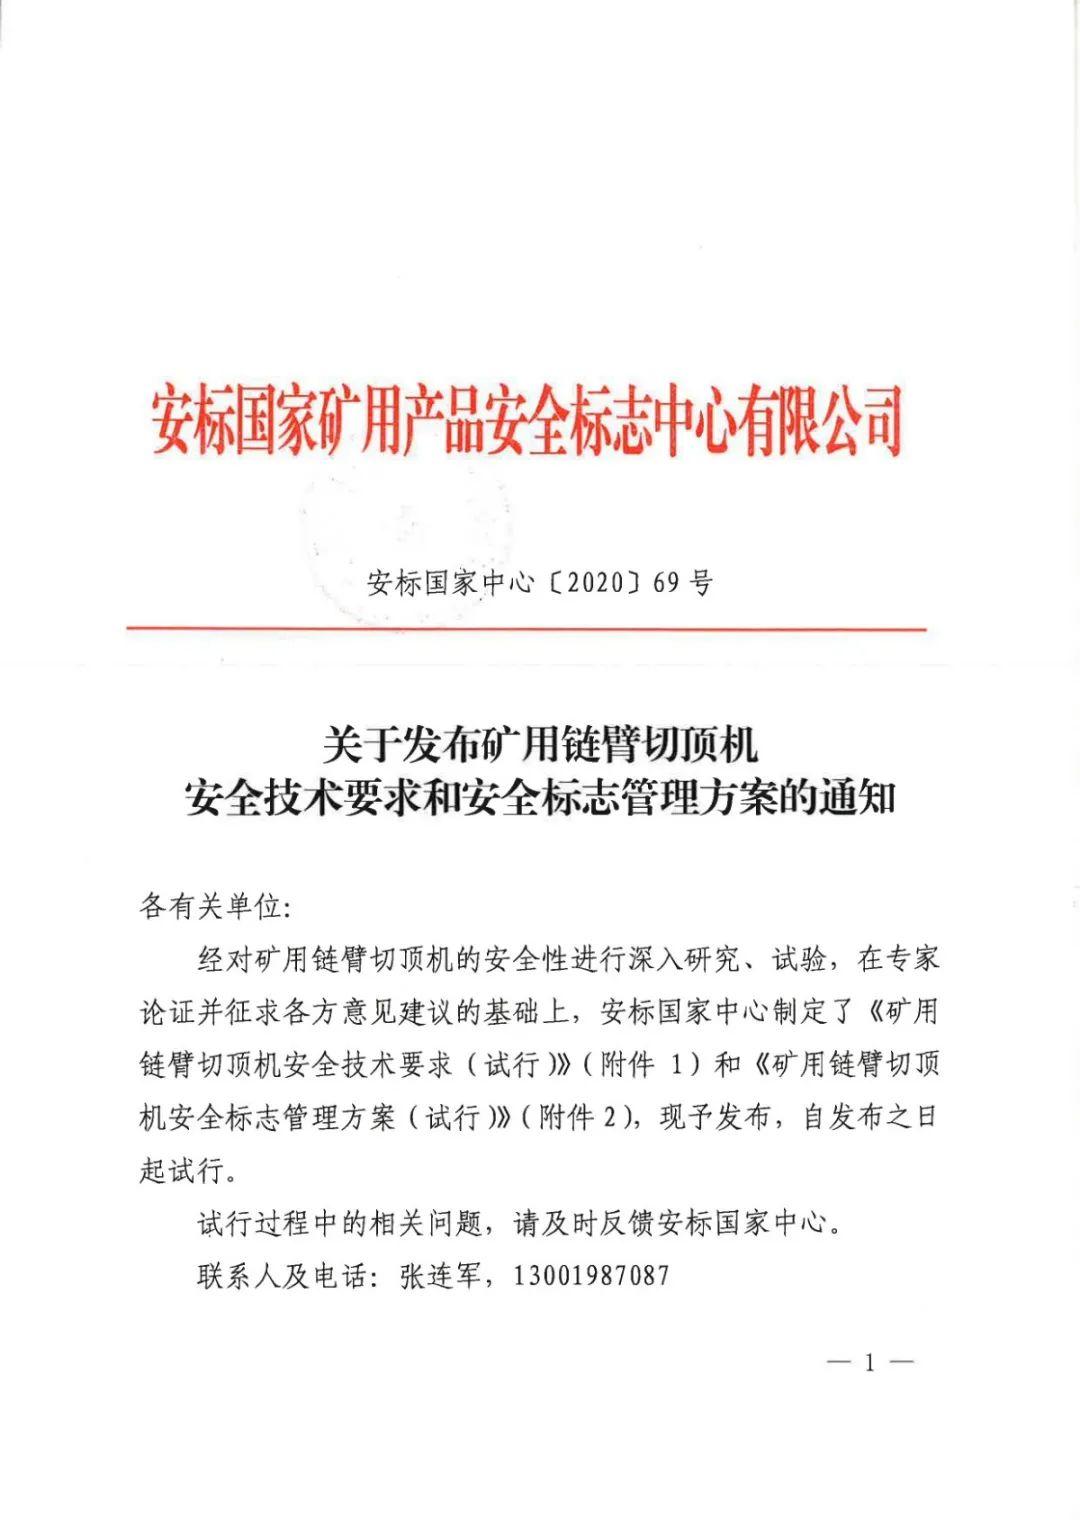 安标中心:发布矿用链臂切顶机安全技术要求和安全标志管理方案